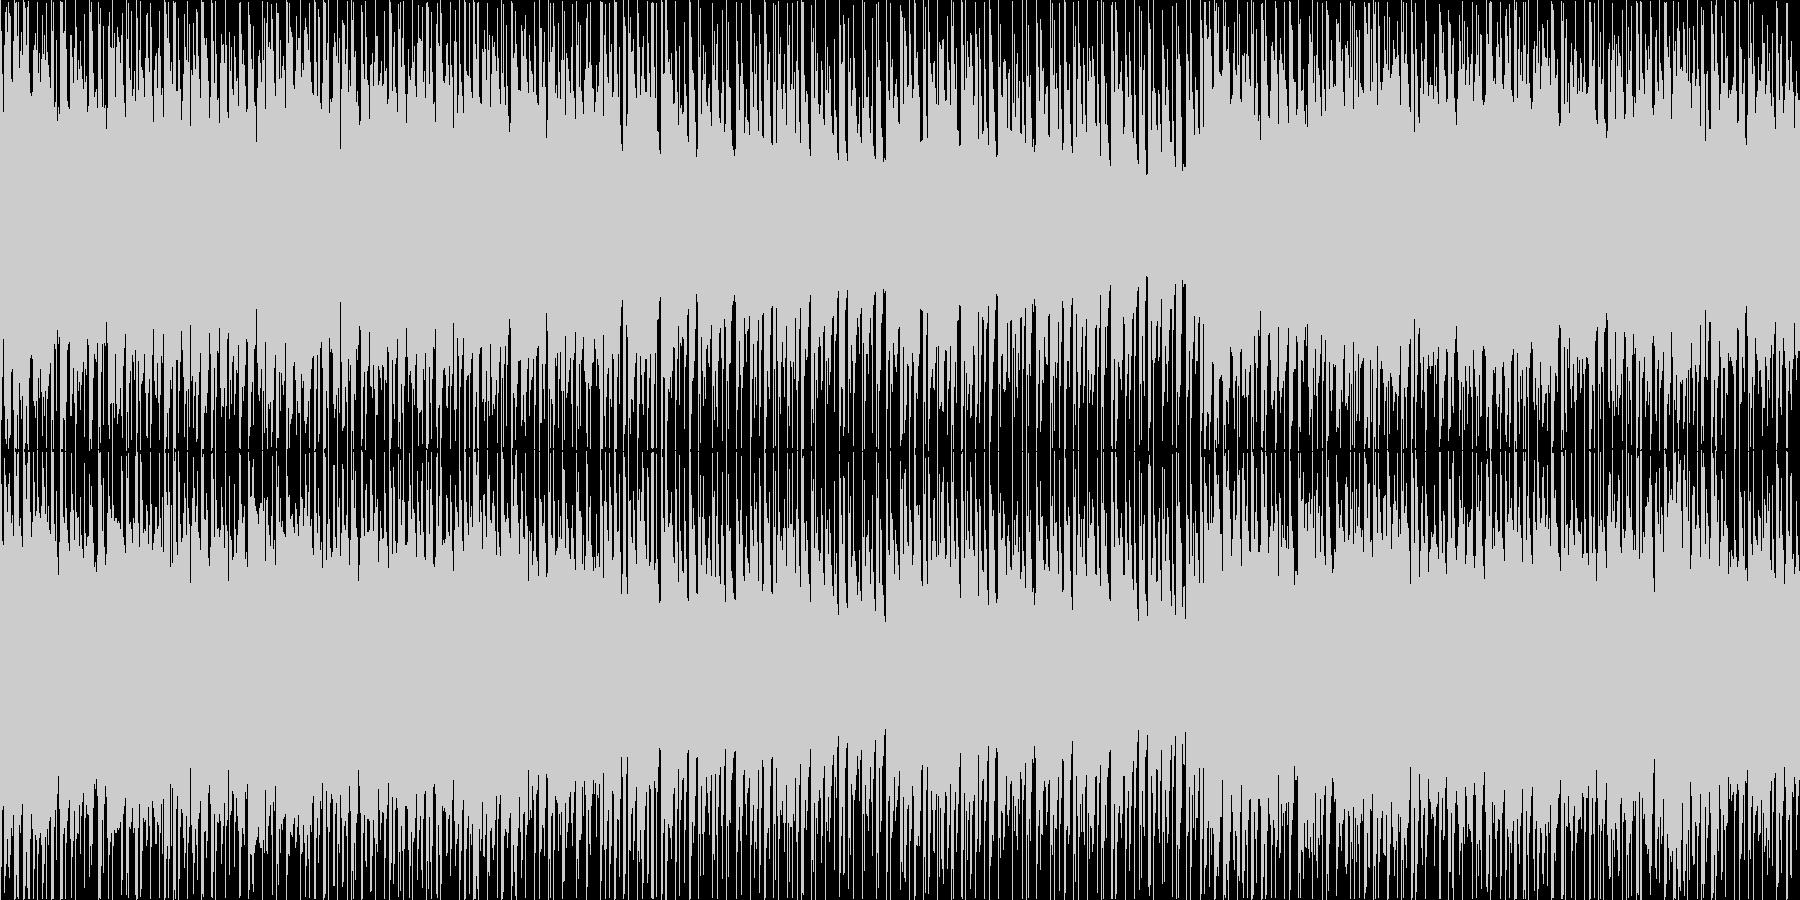 ループ/緊迫感のあるストリングス/ビートの未再生の波形